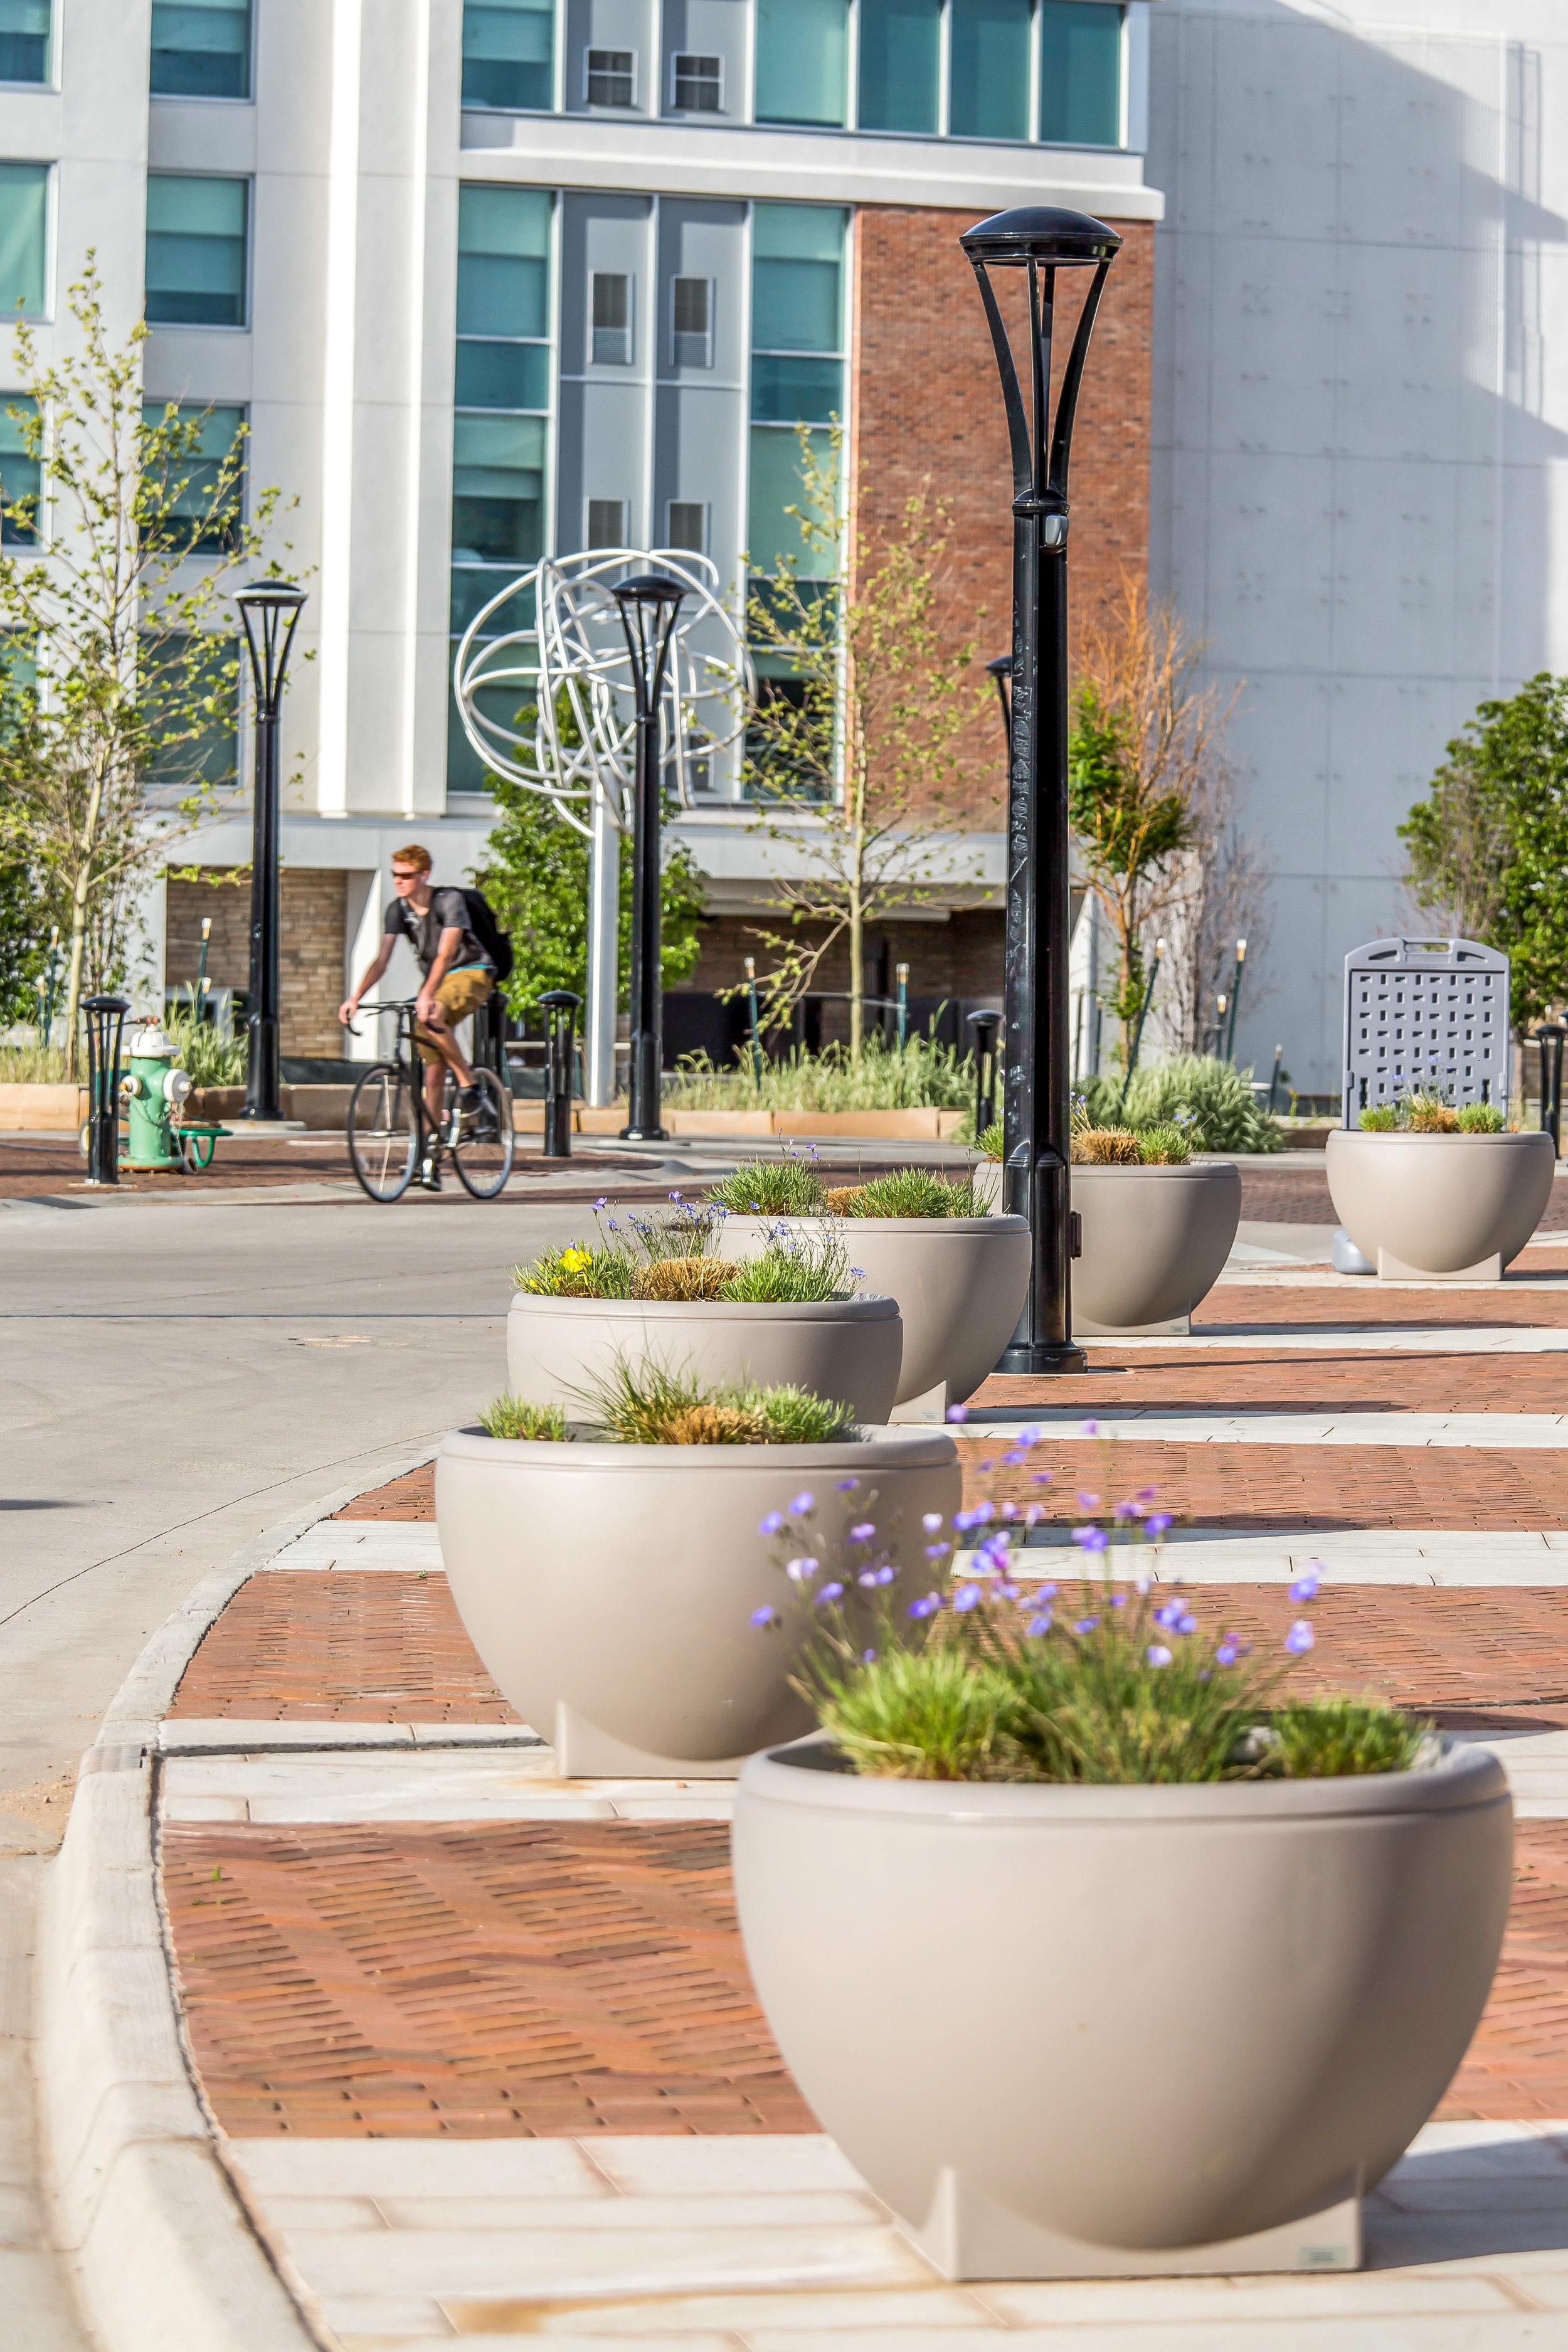 """<img src="""" studioINSITE_Boulder_Junction_Place_Streetscape """"alt=""""Boulder, Junction Place, Bike Trails, Transite Depot, Bridge, Streetscape, Greenway, Landscape Art, Art, Public Outreach, Landscape Architecture, Urban Design  title=""""Boulder Junction Place  """"/>"""